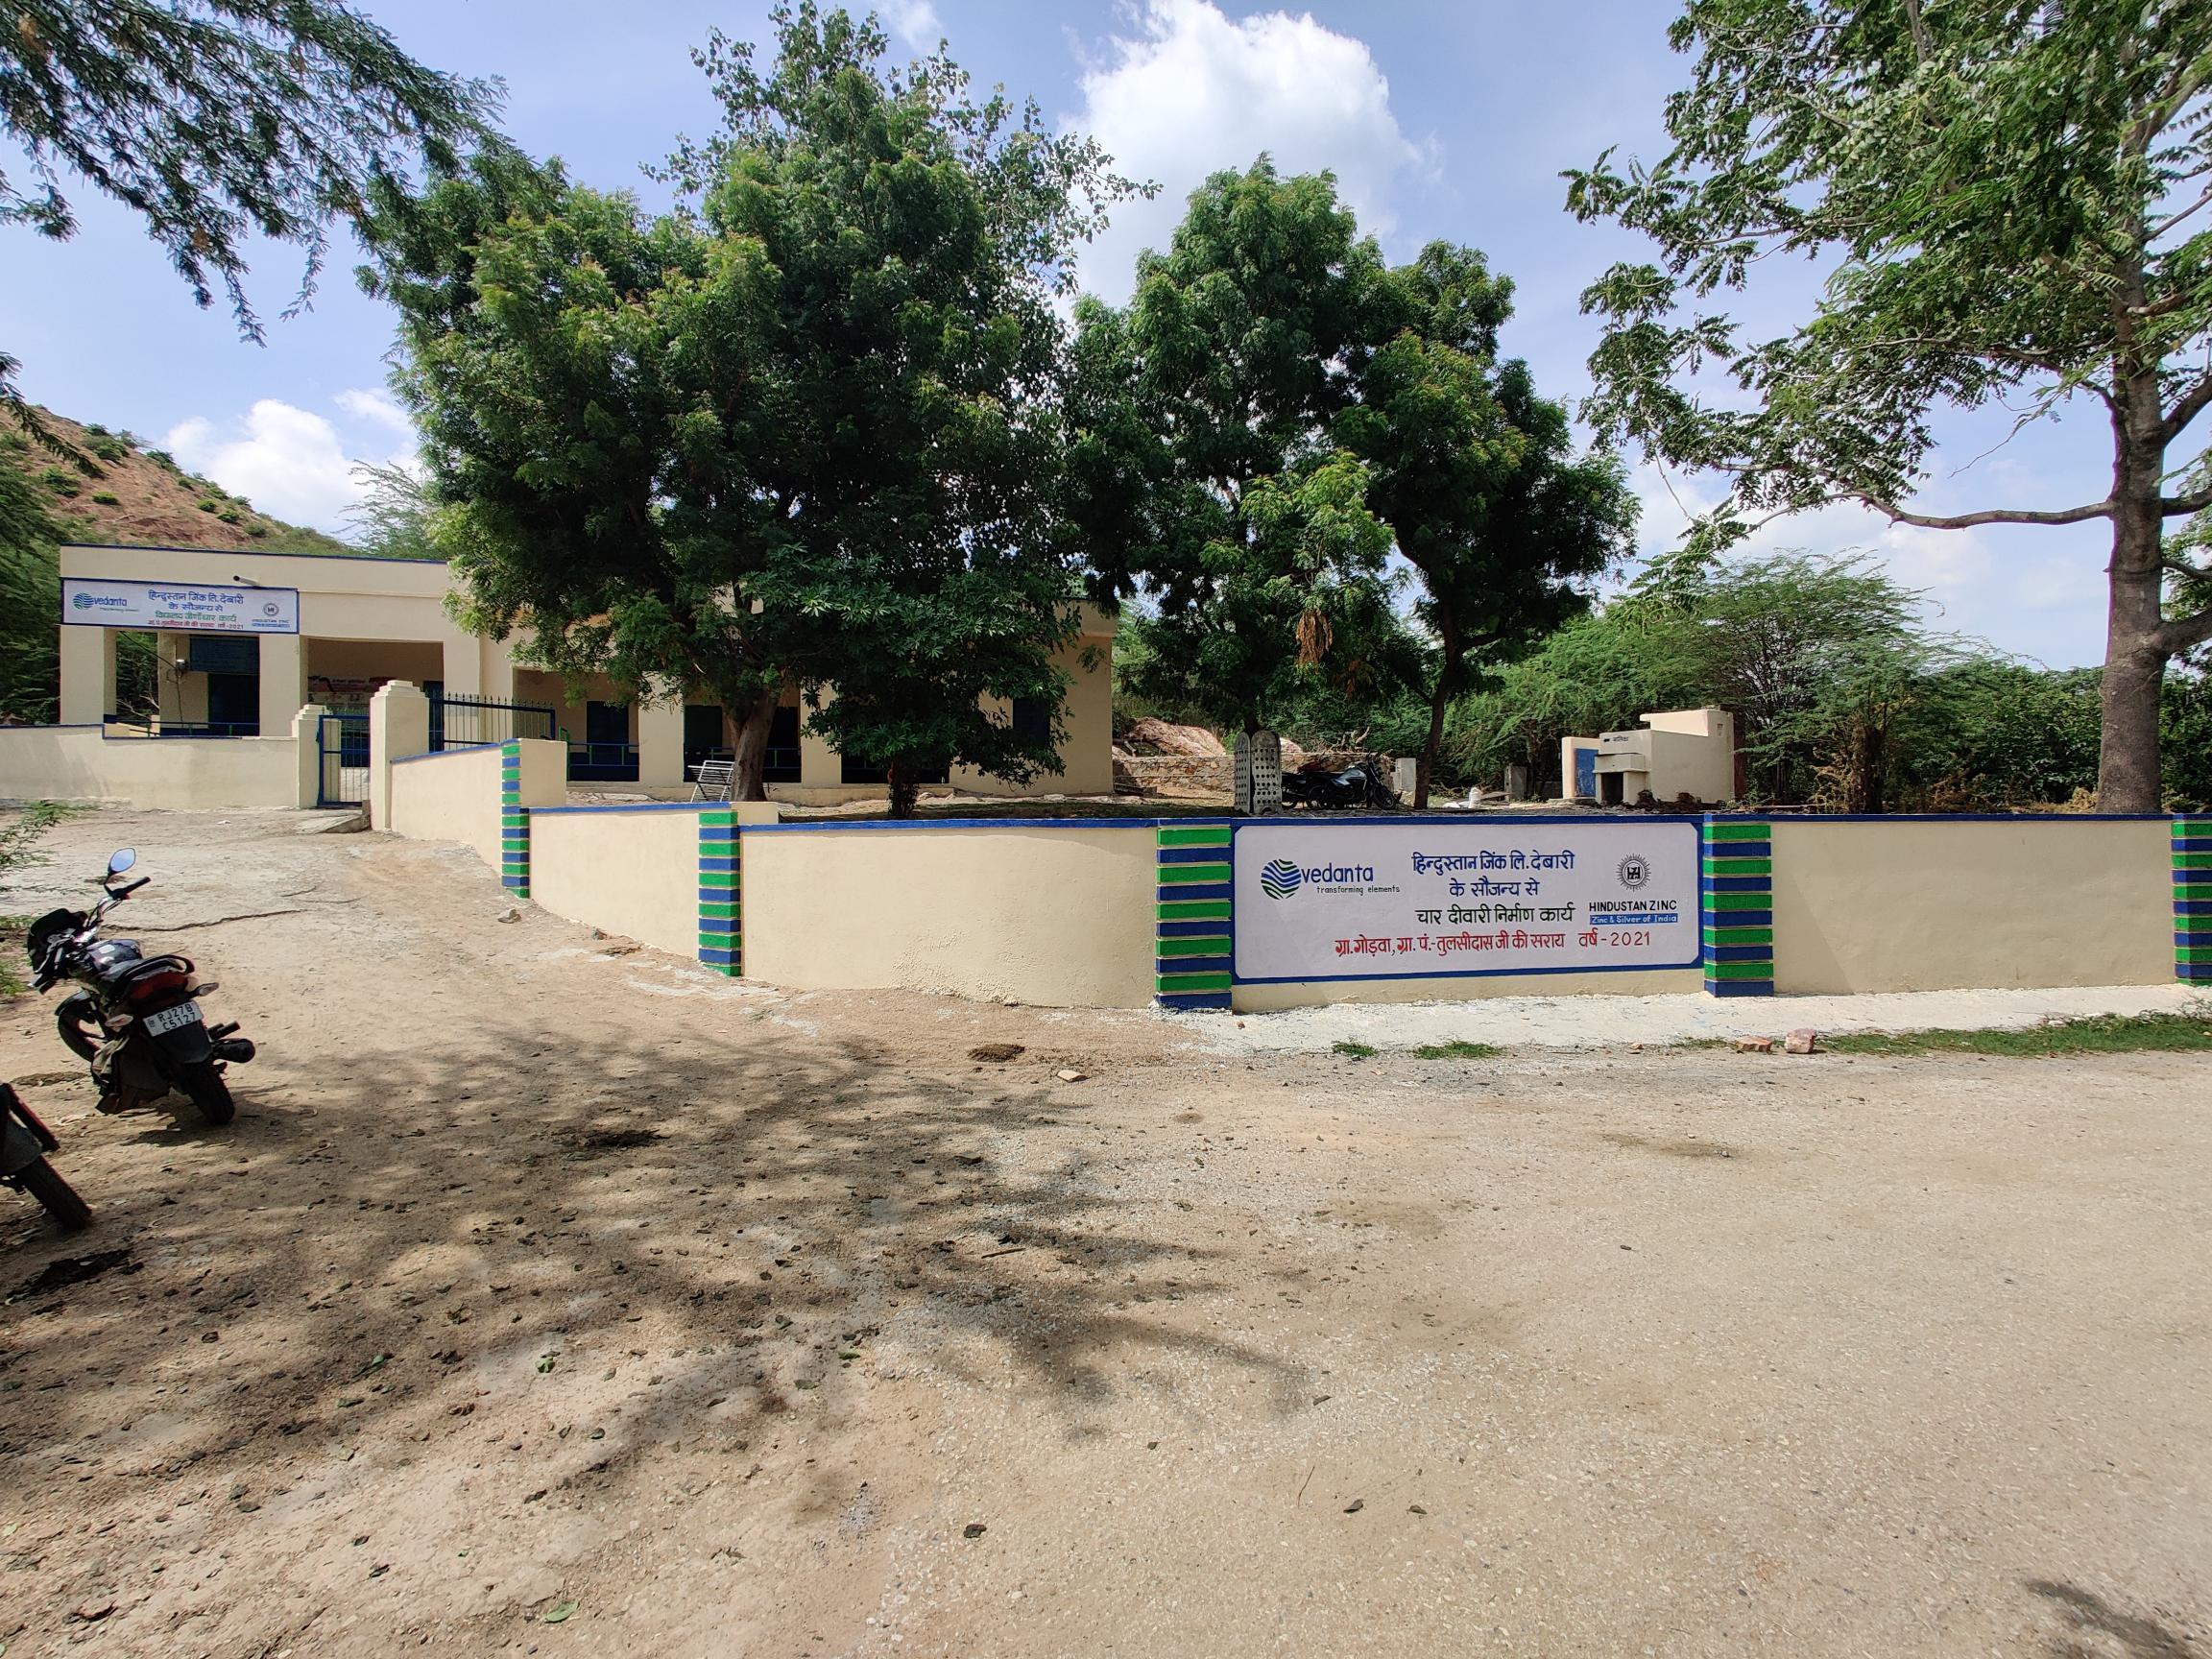 हिन्दुस्तान जिंक द्वारा गोड़वा में प्राथमिक विद्यालय के जिर्णोद्धार एवं वाटर एटीएम का उद्घाटन